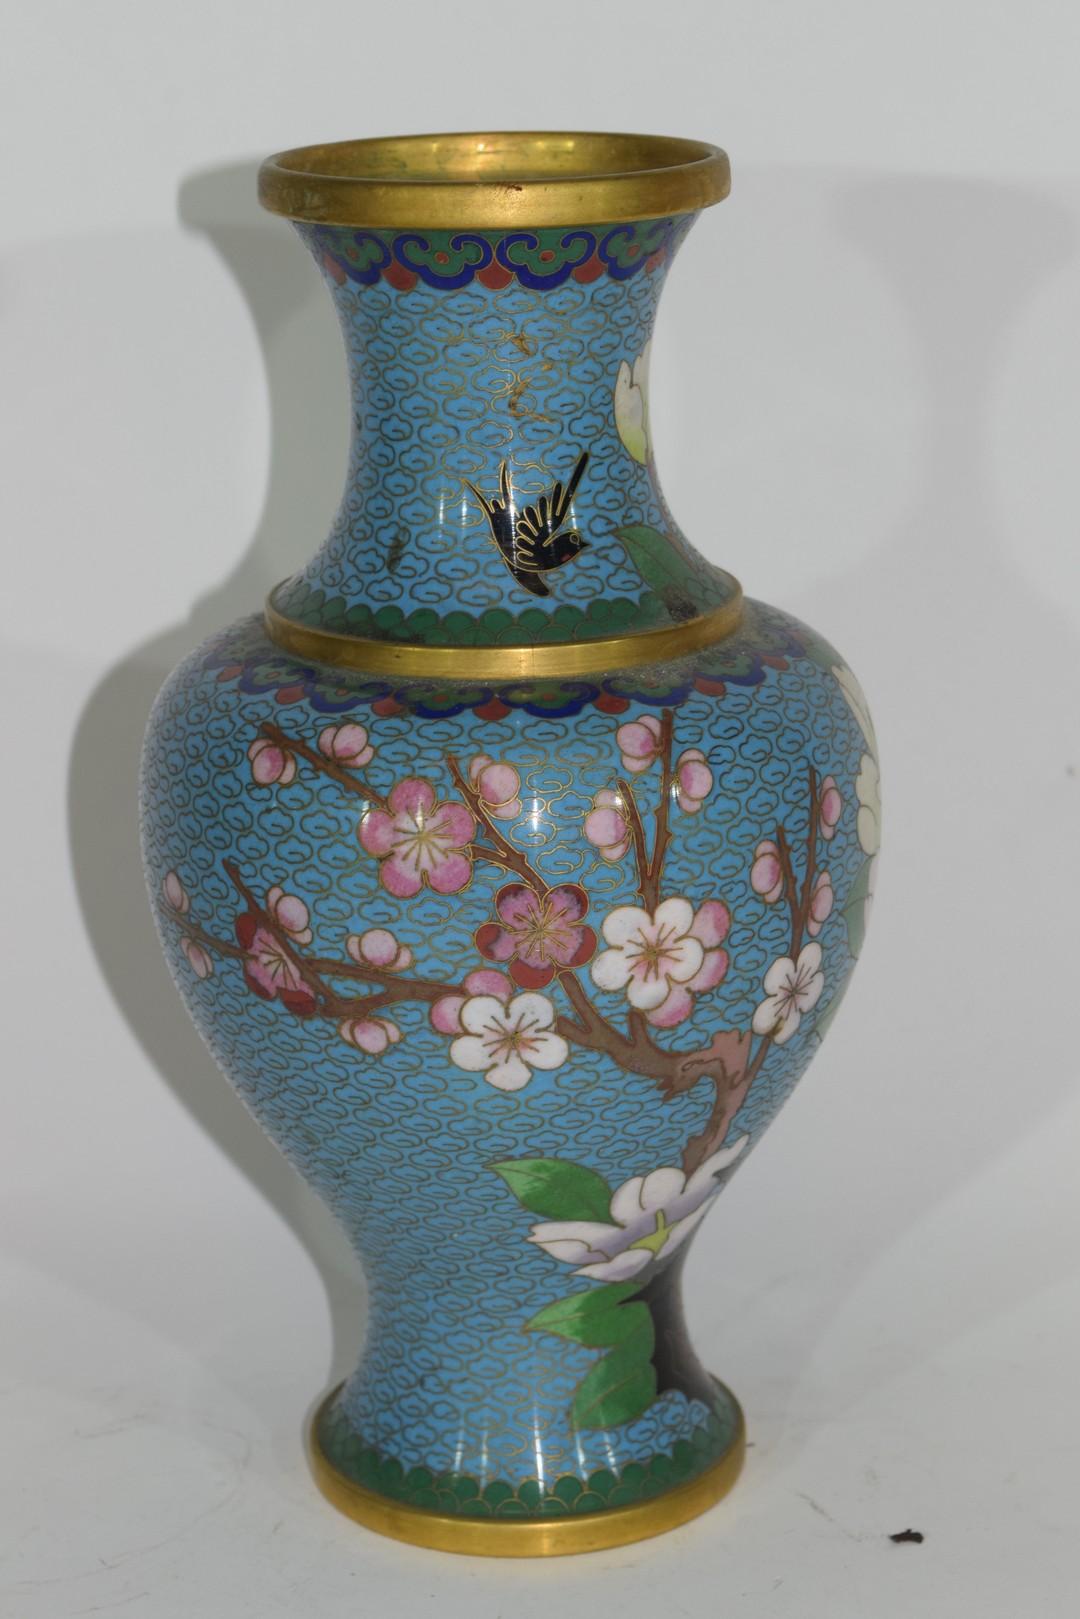 Cloisonne vase - Image 4 of 4